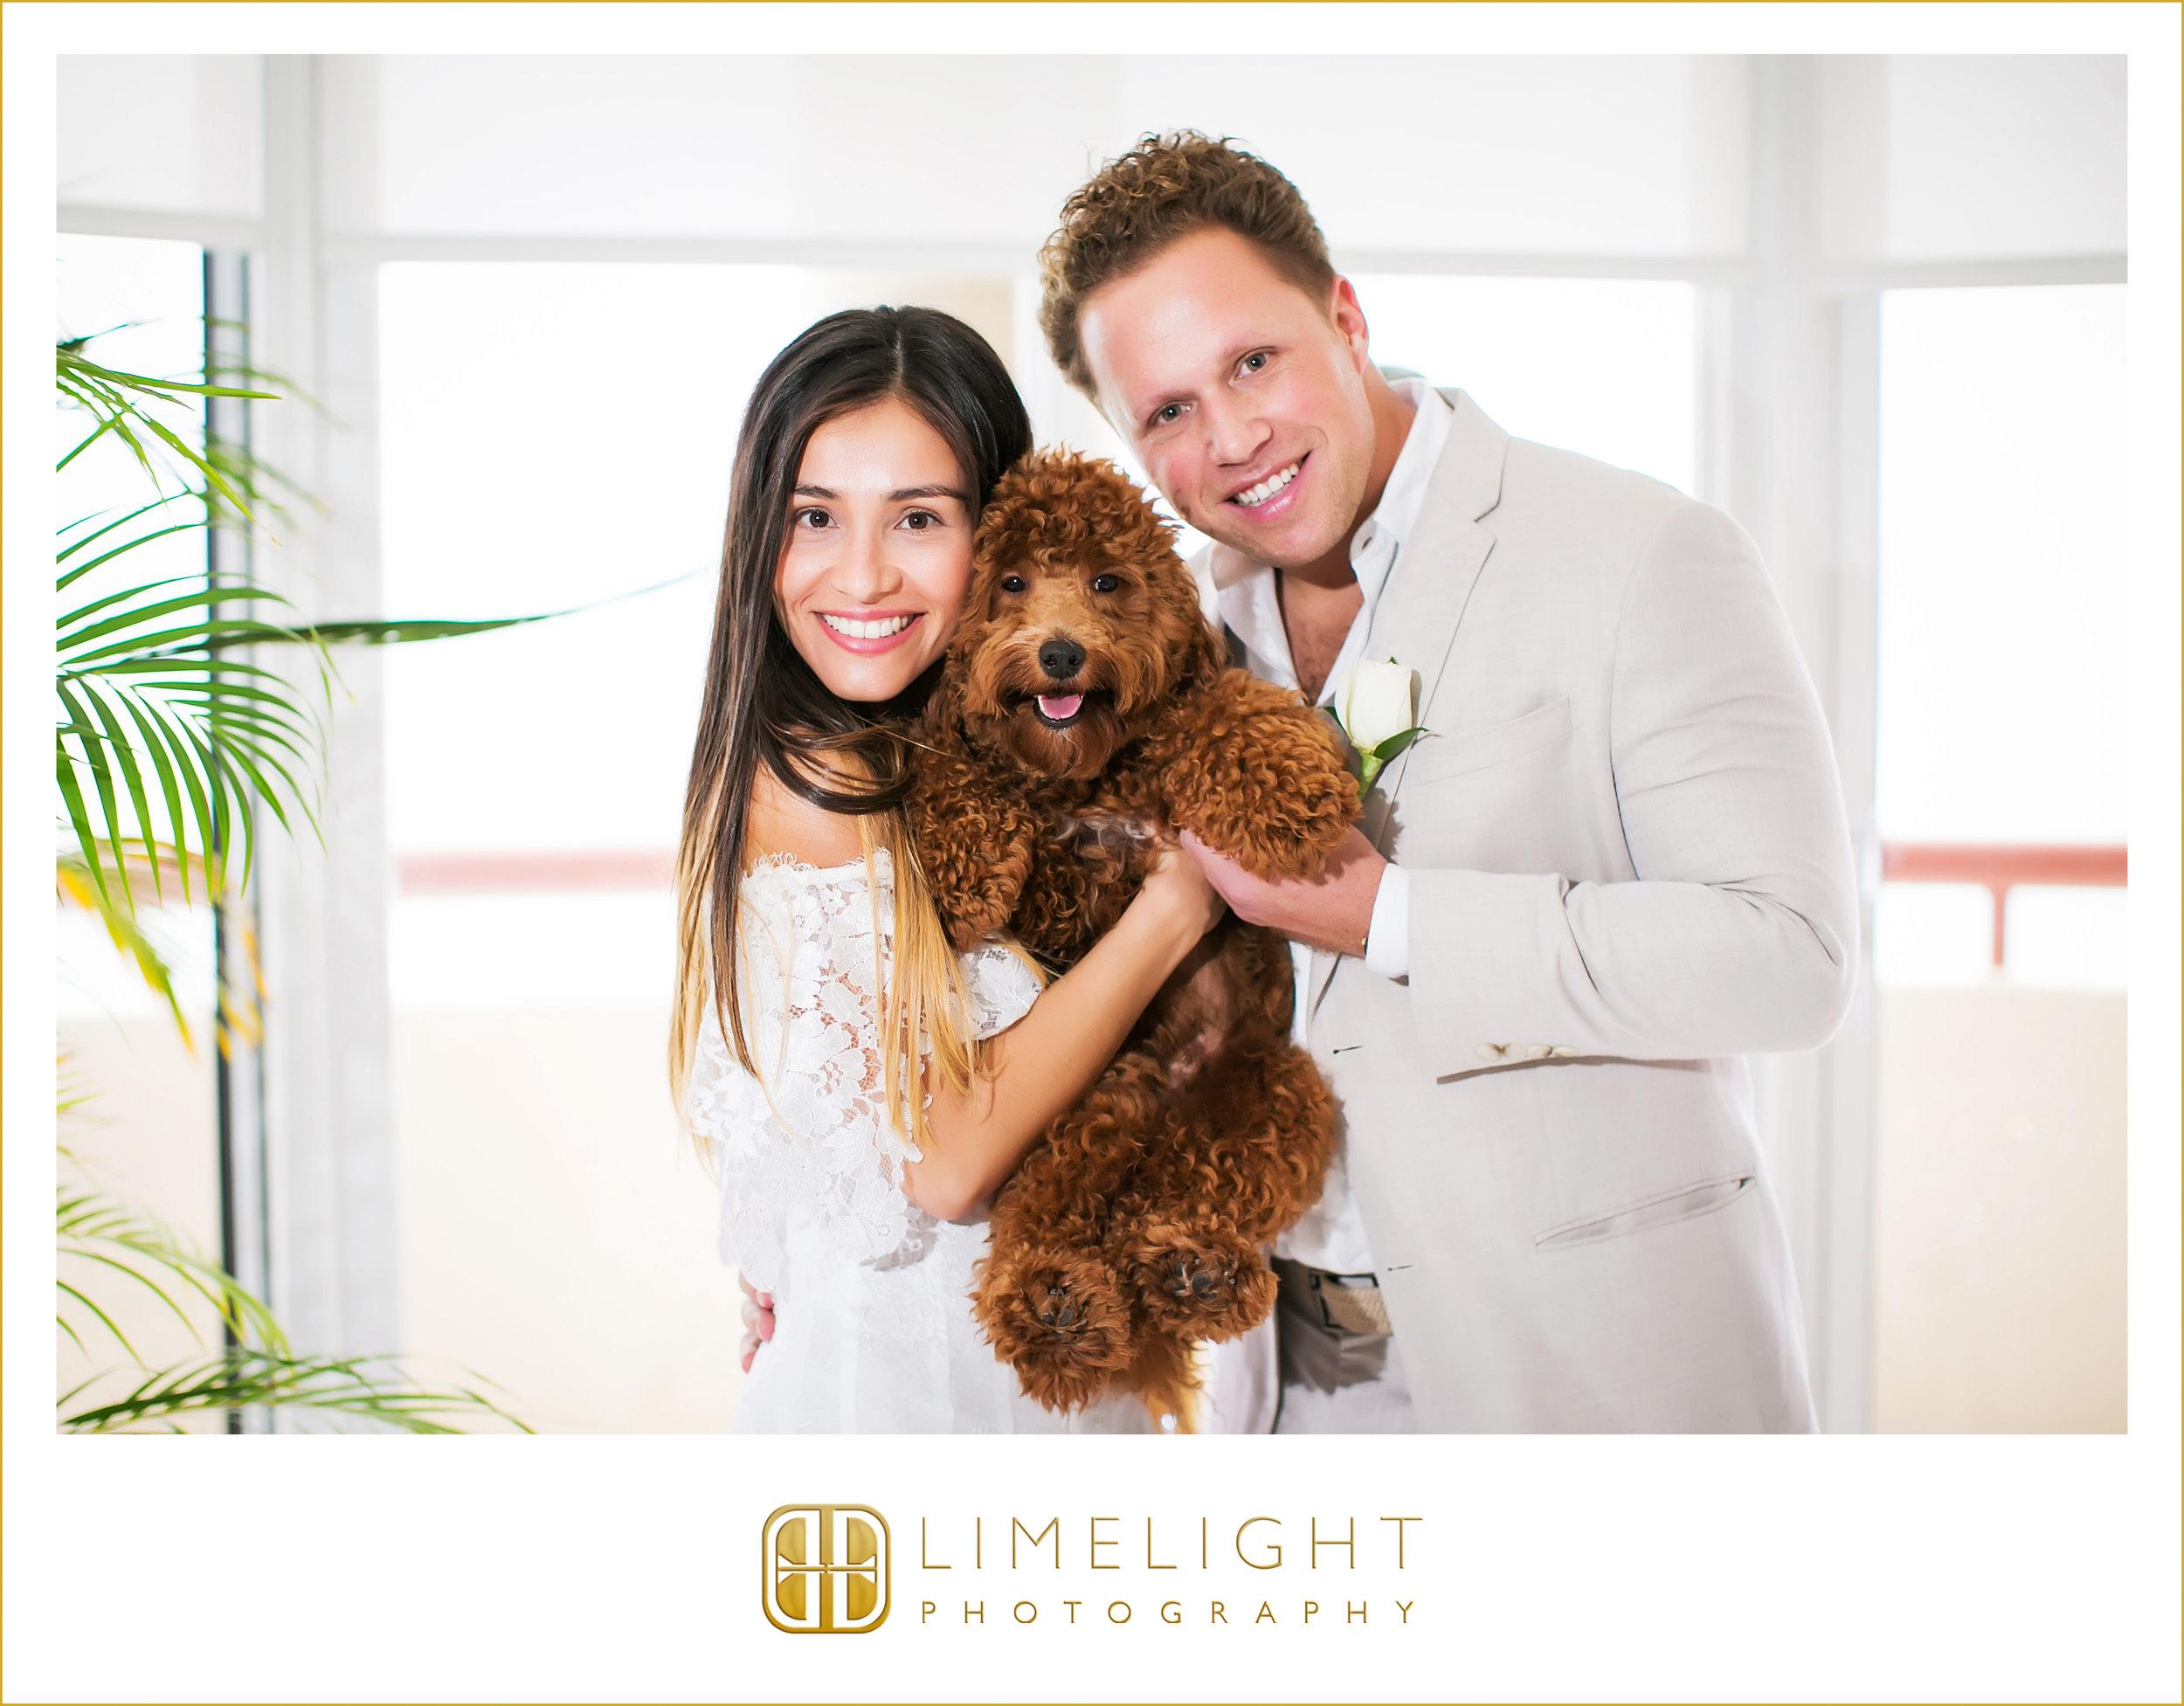 Couple | Dog | Family | Wedding